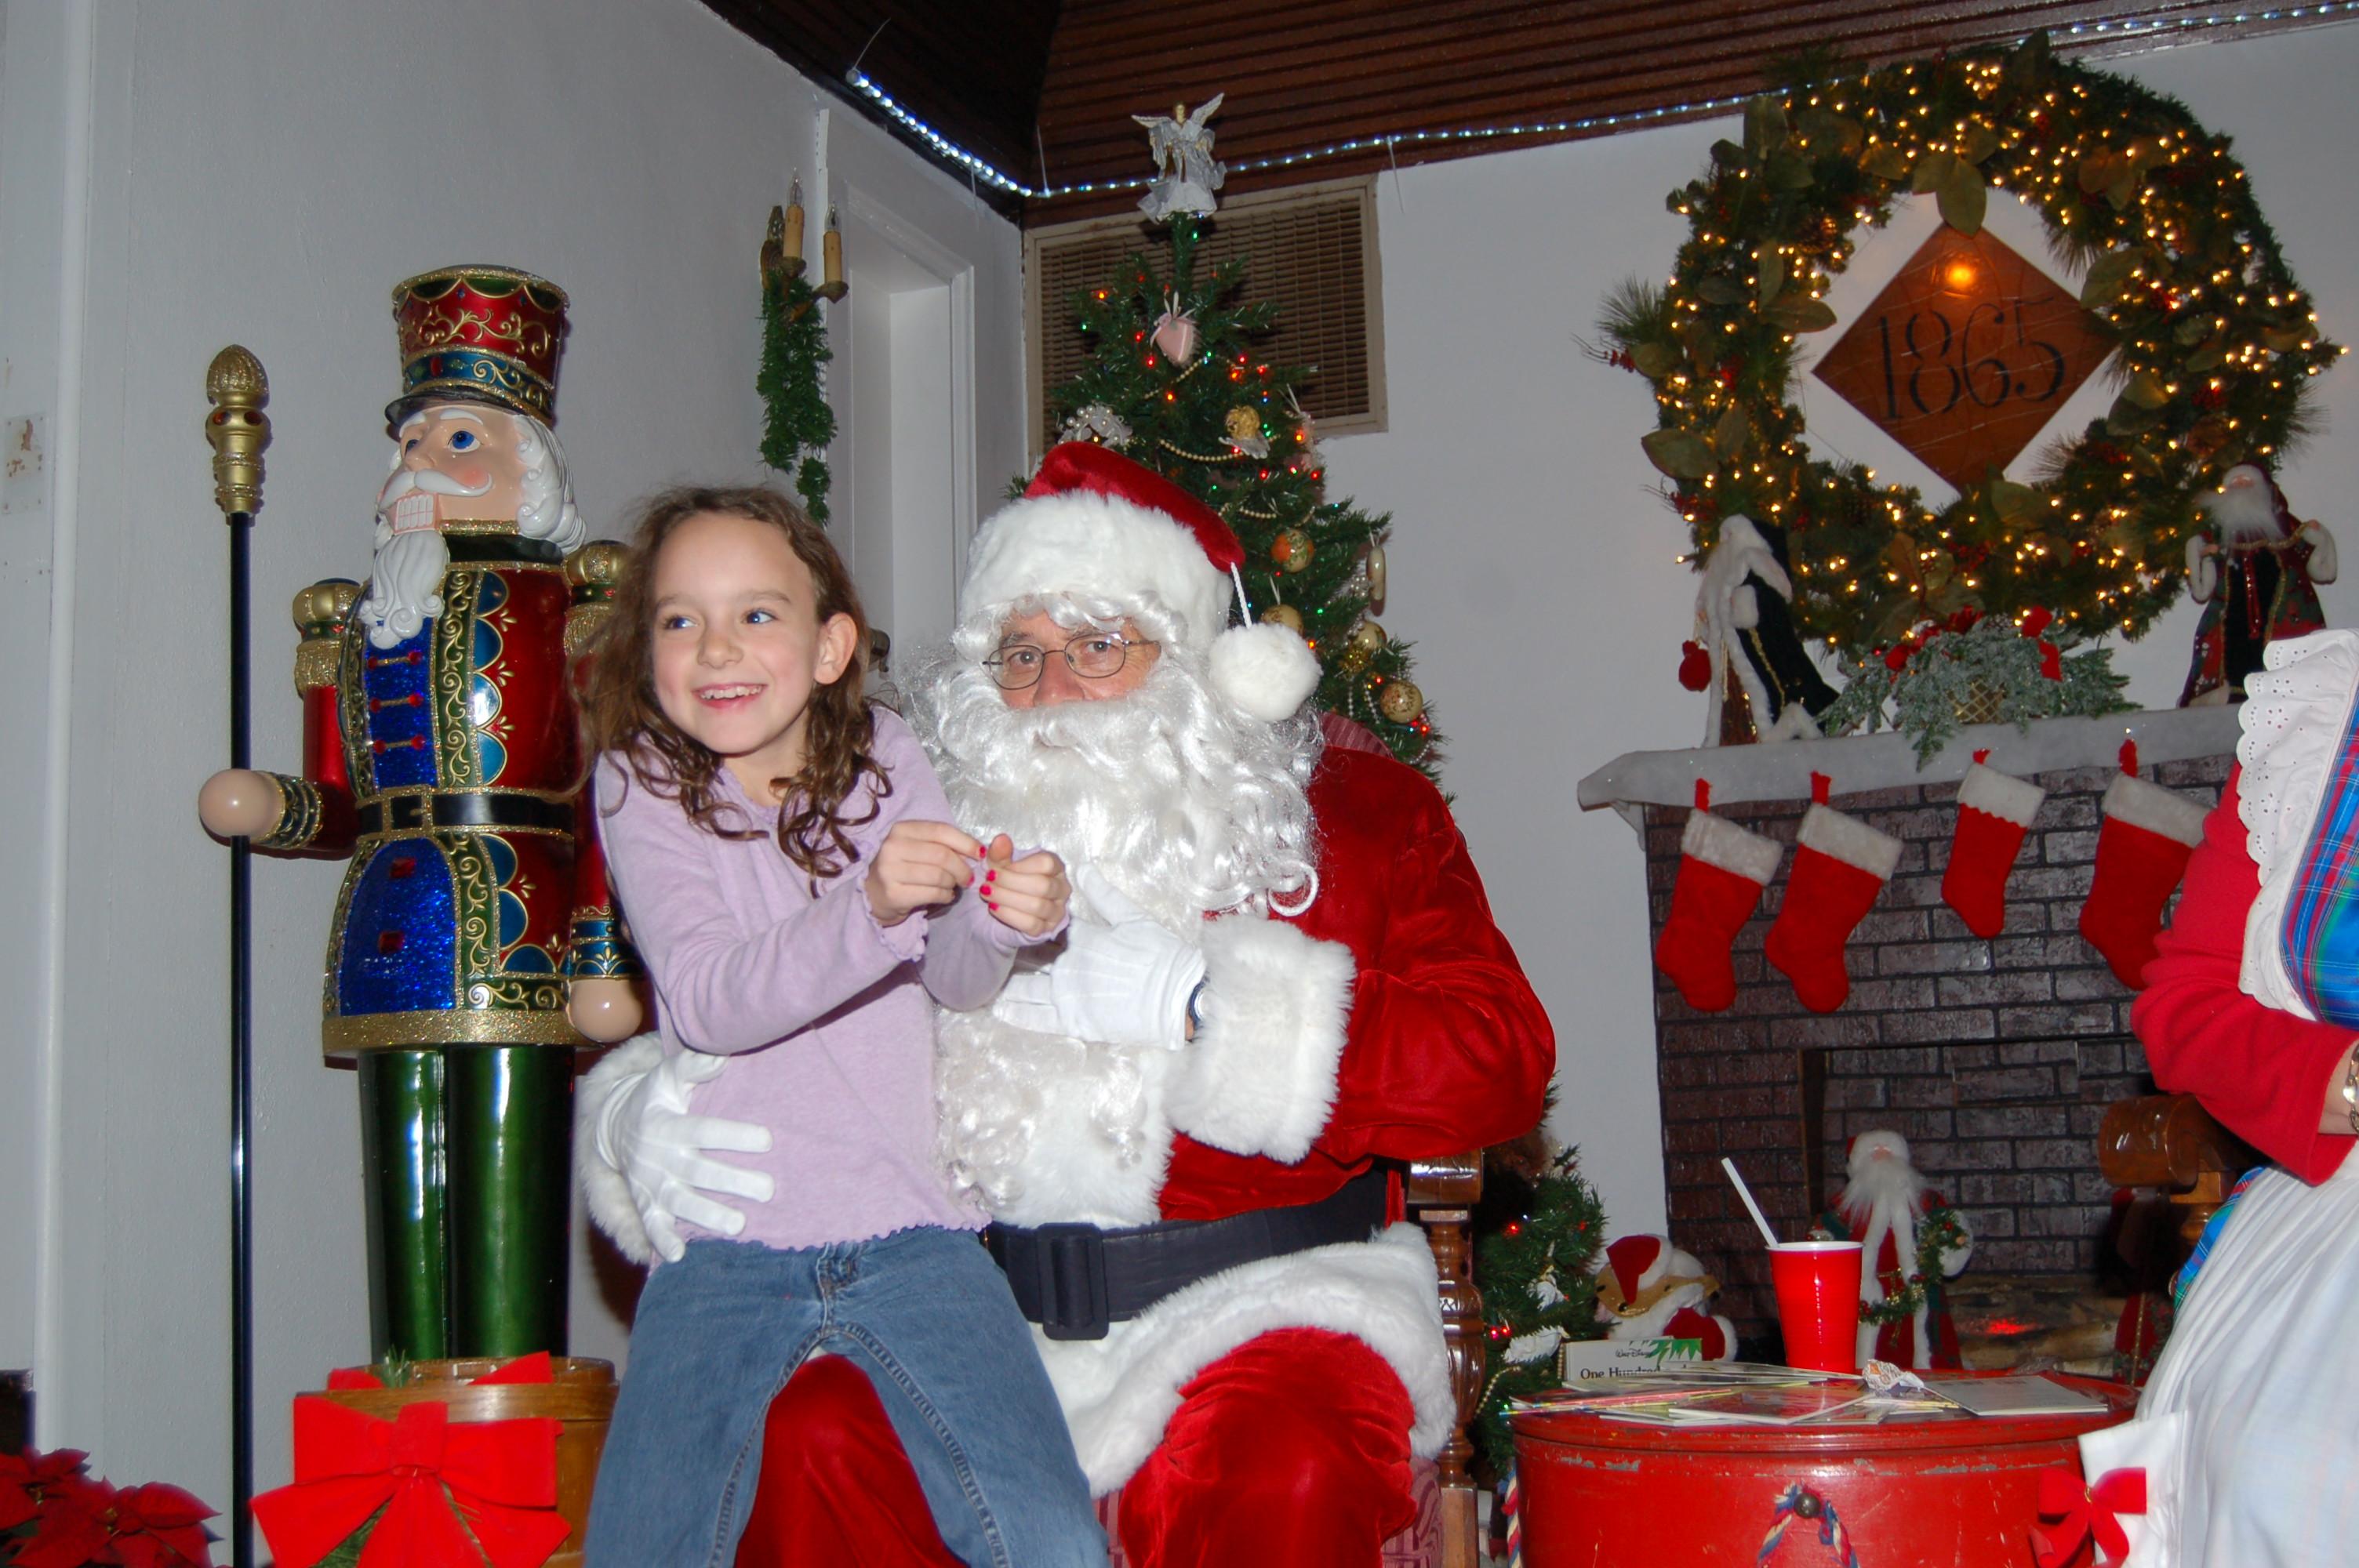 LolliPop+Lane+12-12-2008+Picture+037.jpg